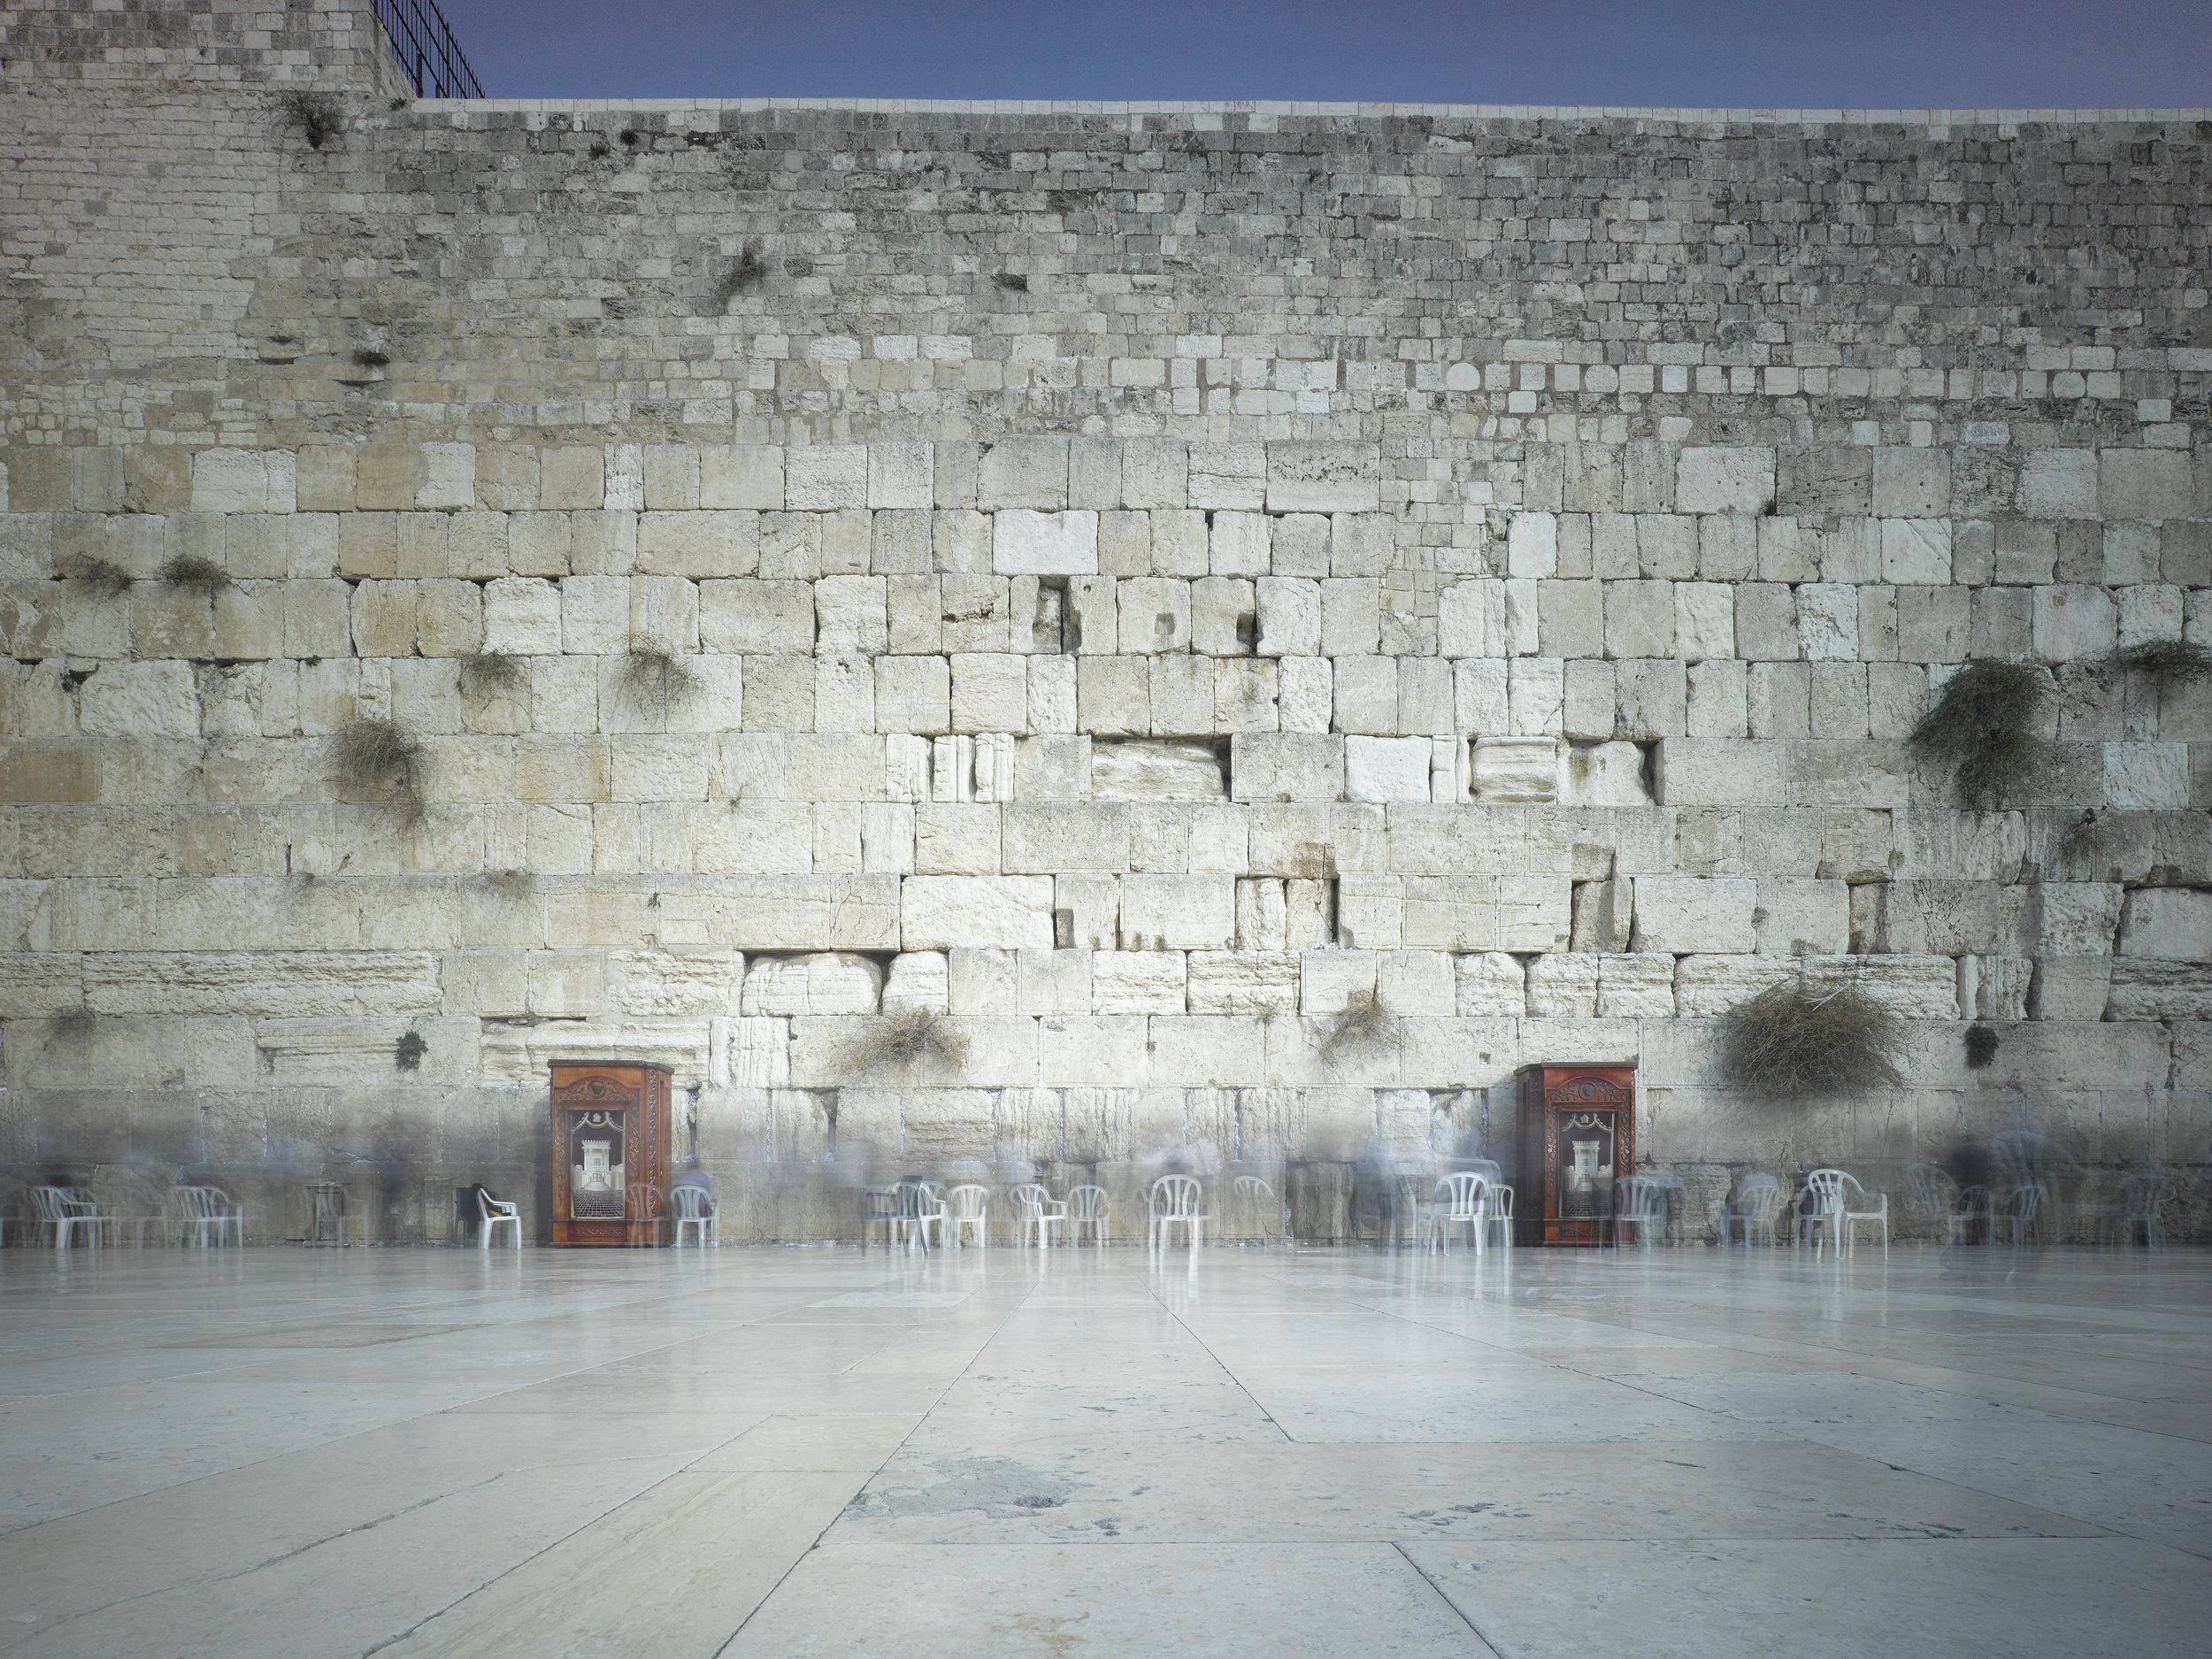 ISRAEL_JERUSALEM.JPG